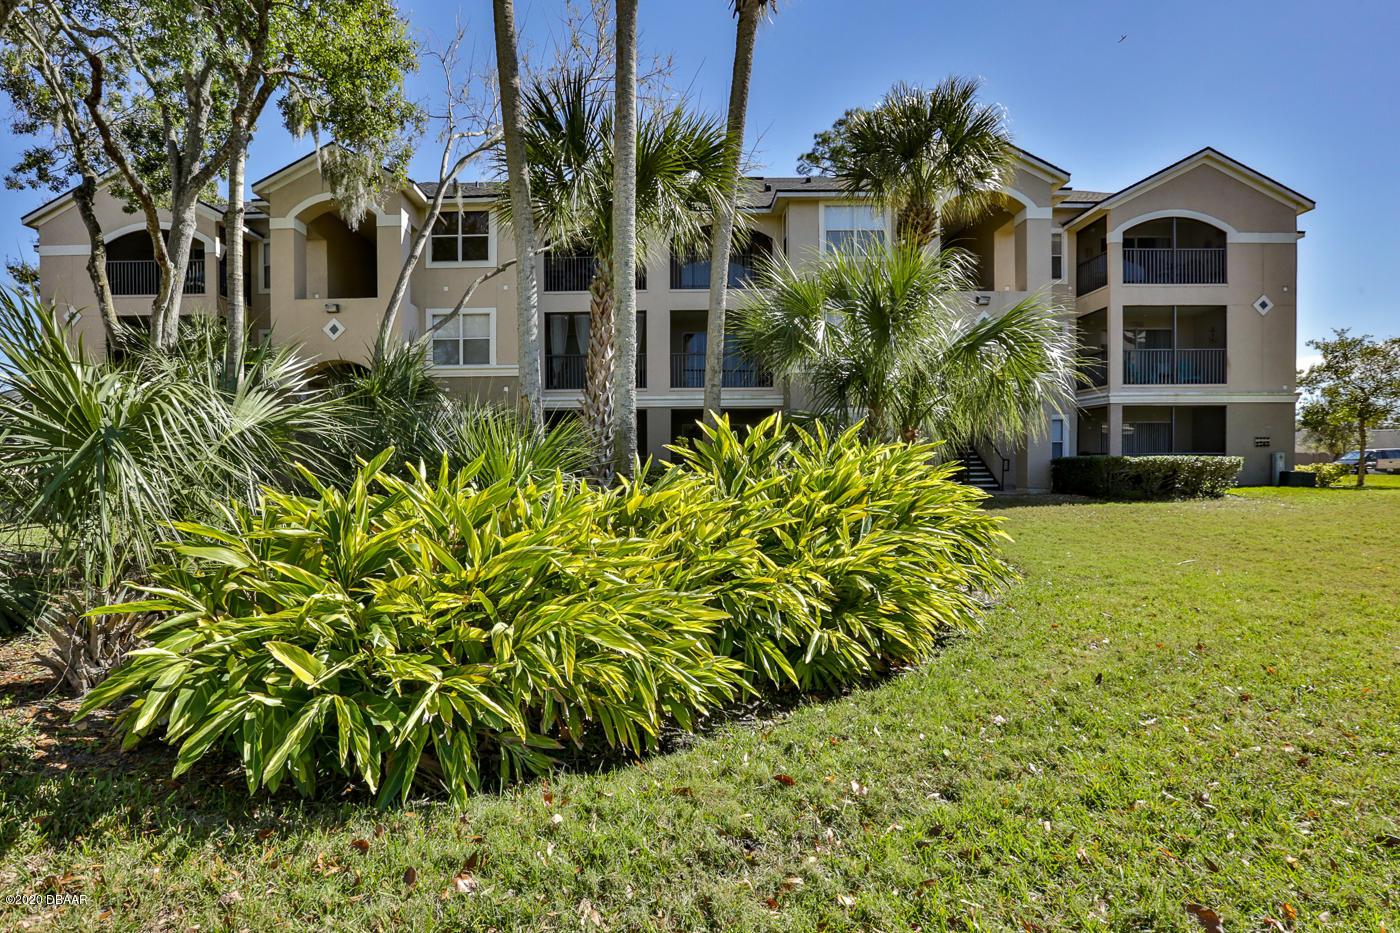 Photo of 940 Village Trail #5-308, Port Orange, FL 32127